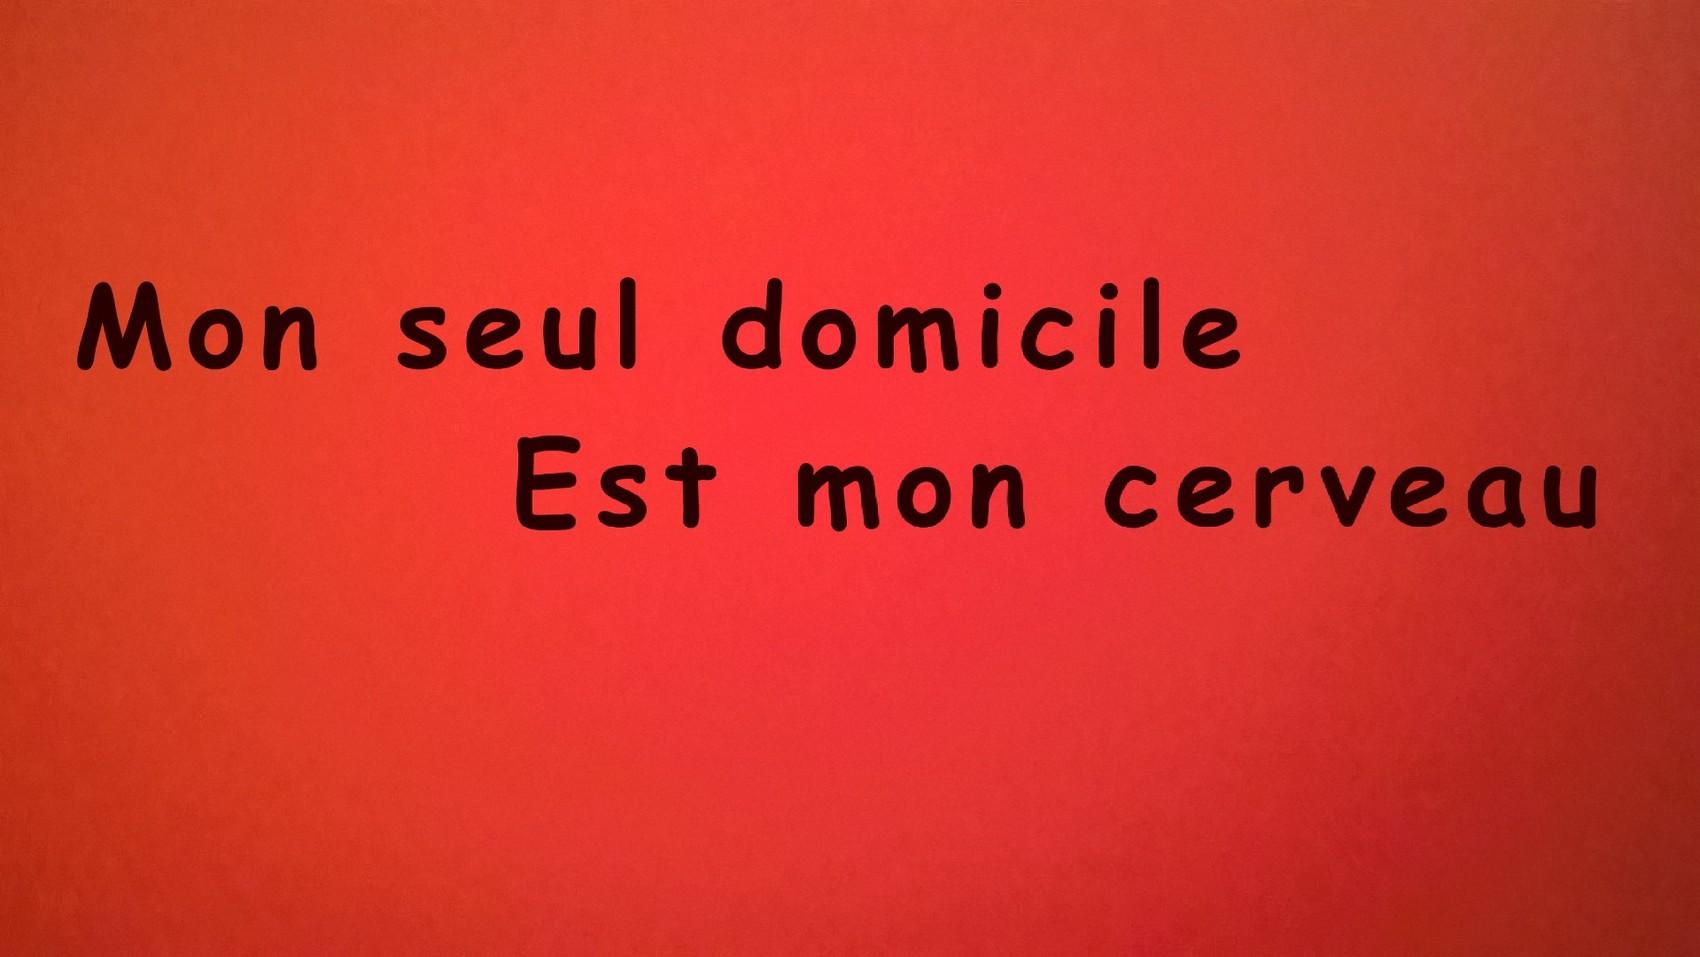 MON SEUL DOMICILE